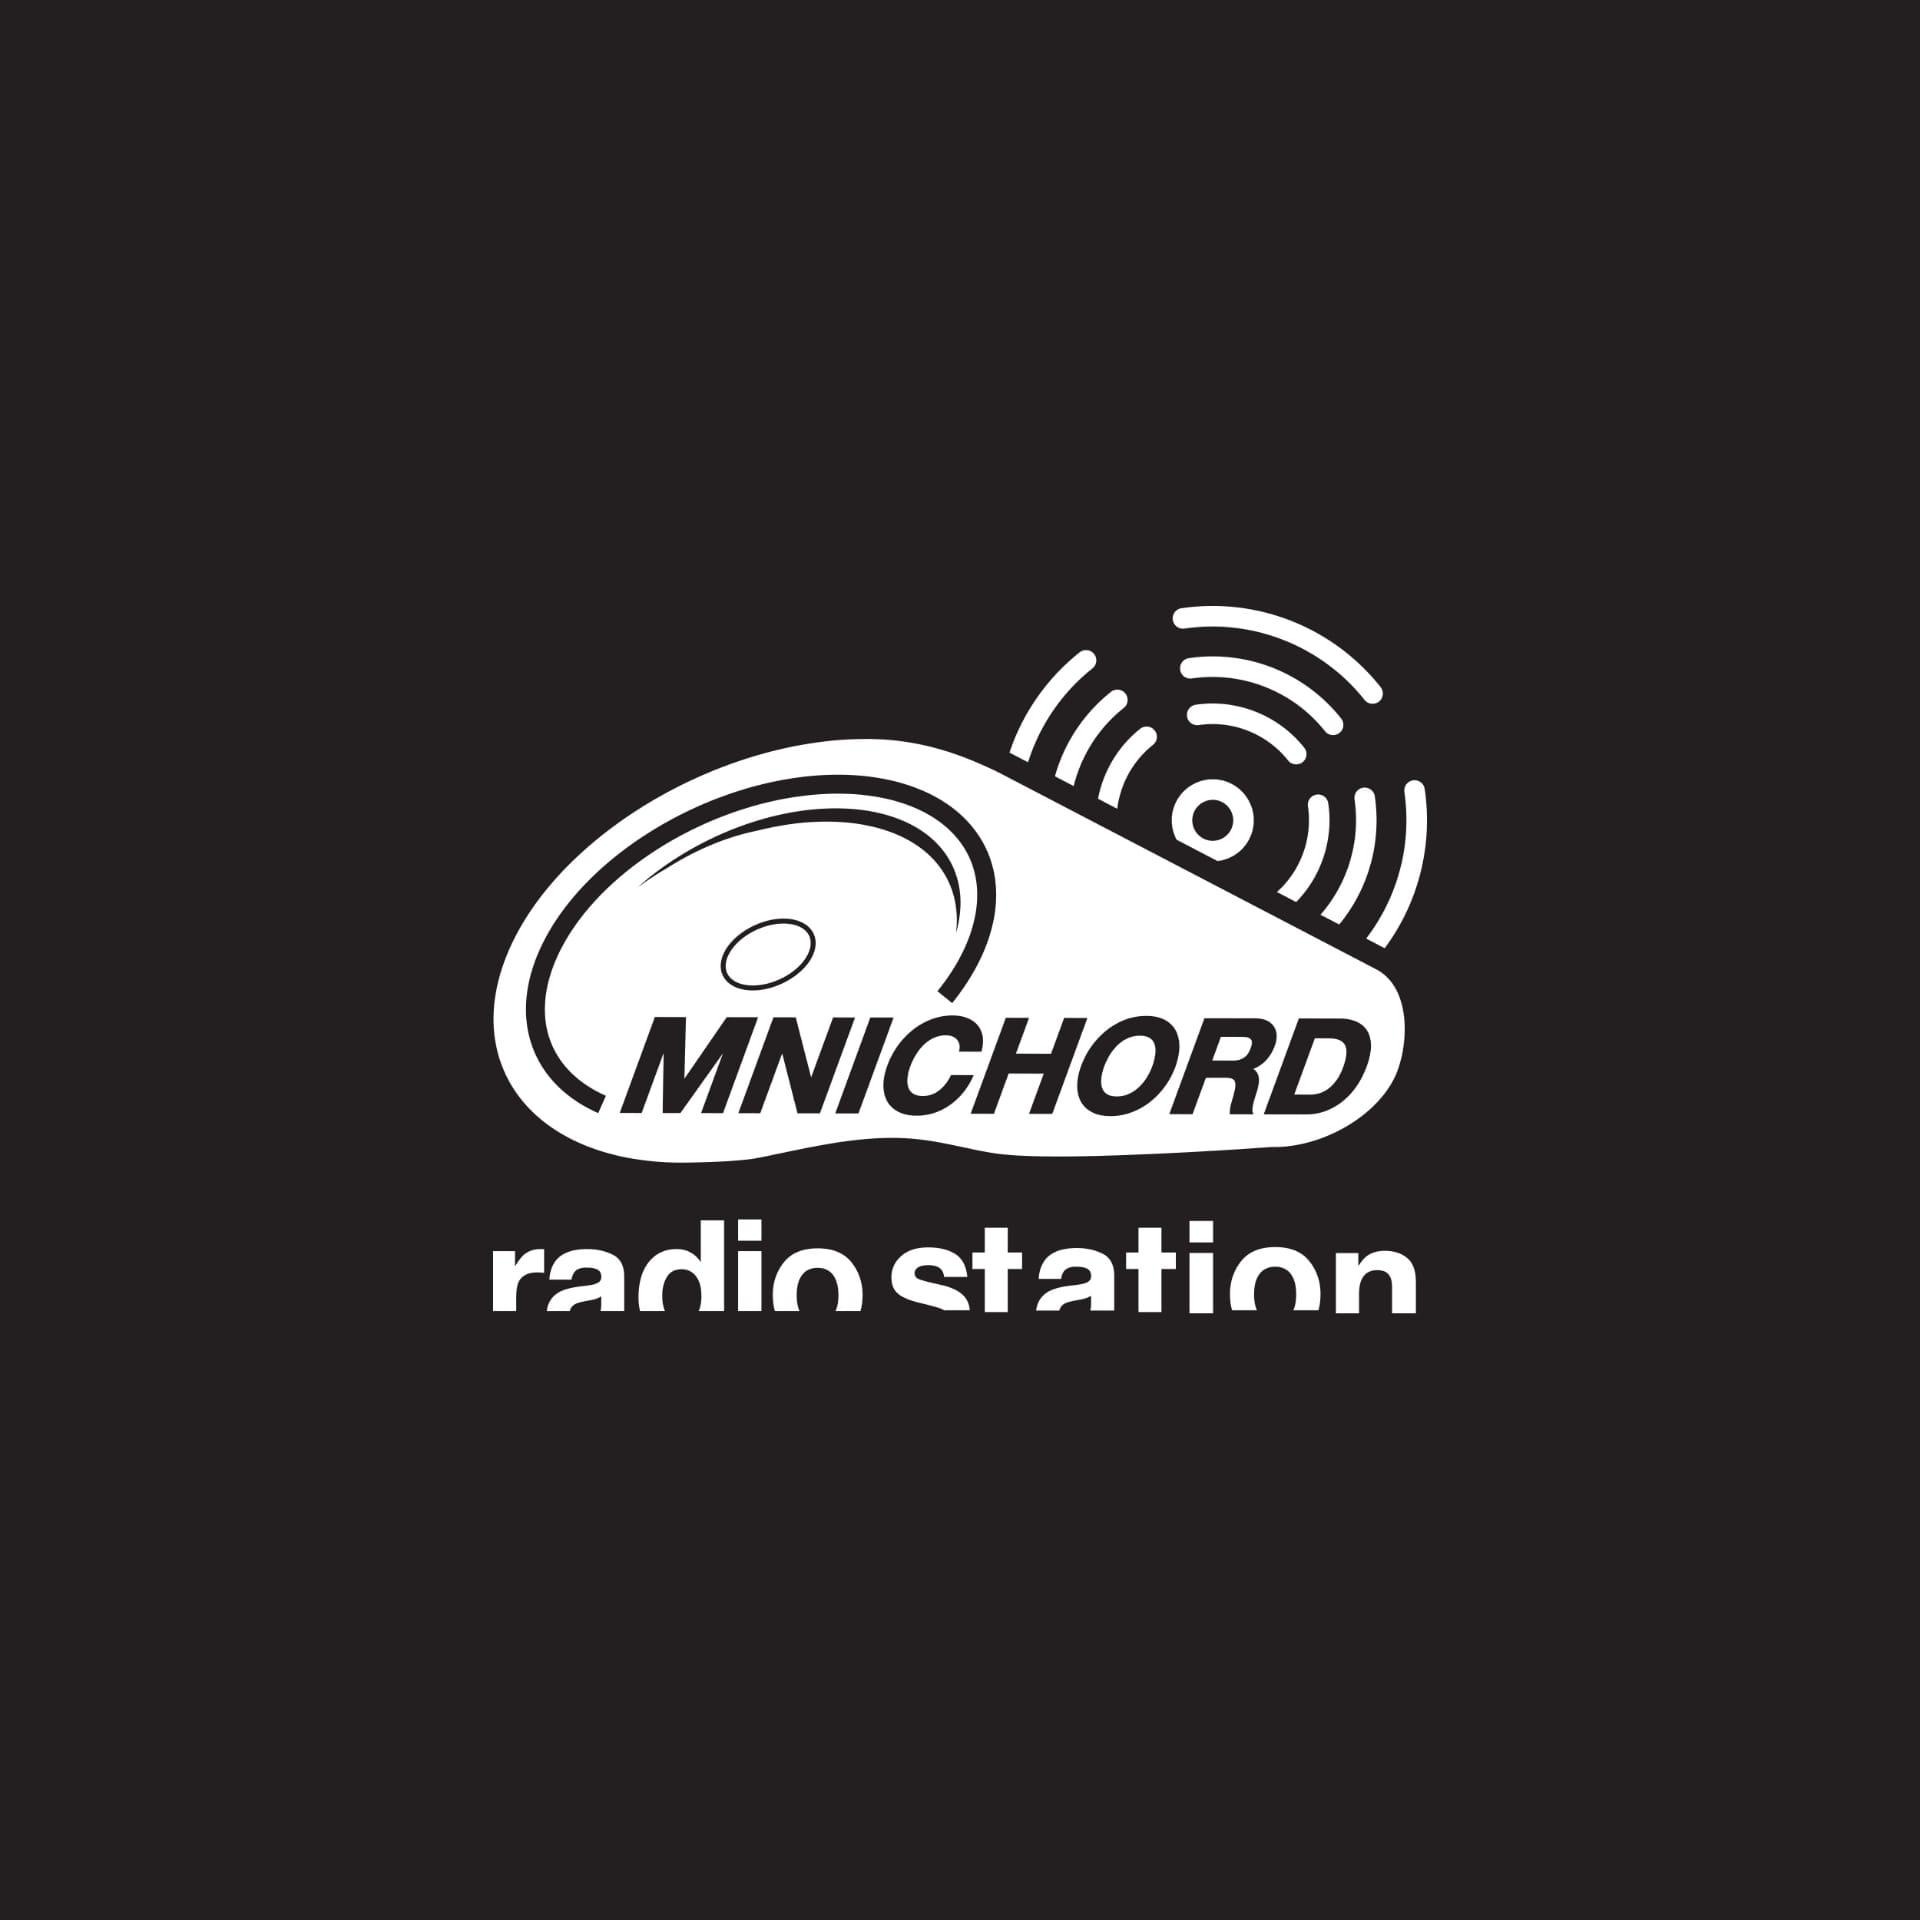 omnichord radio